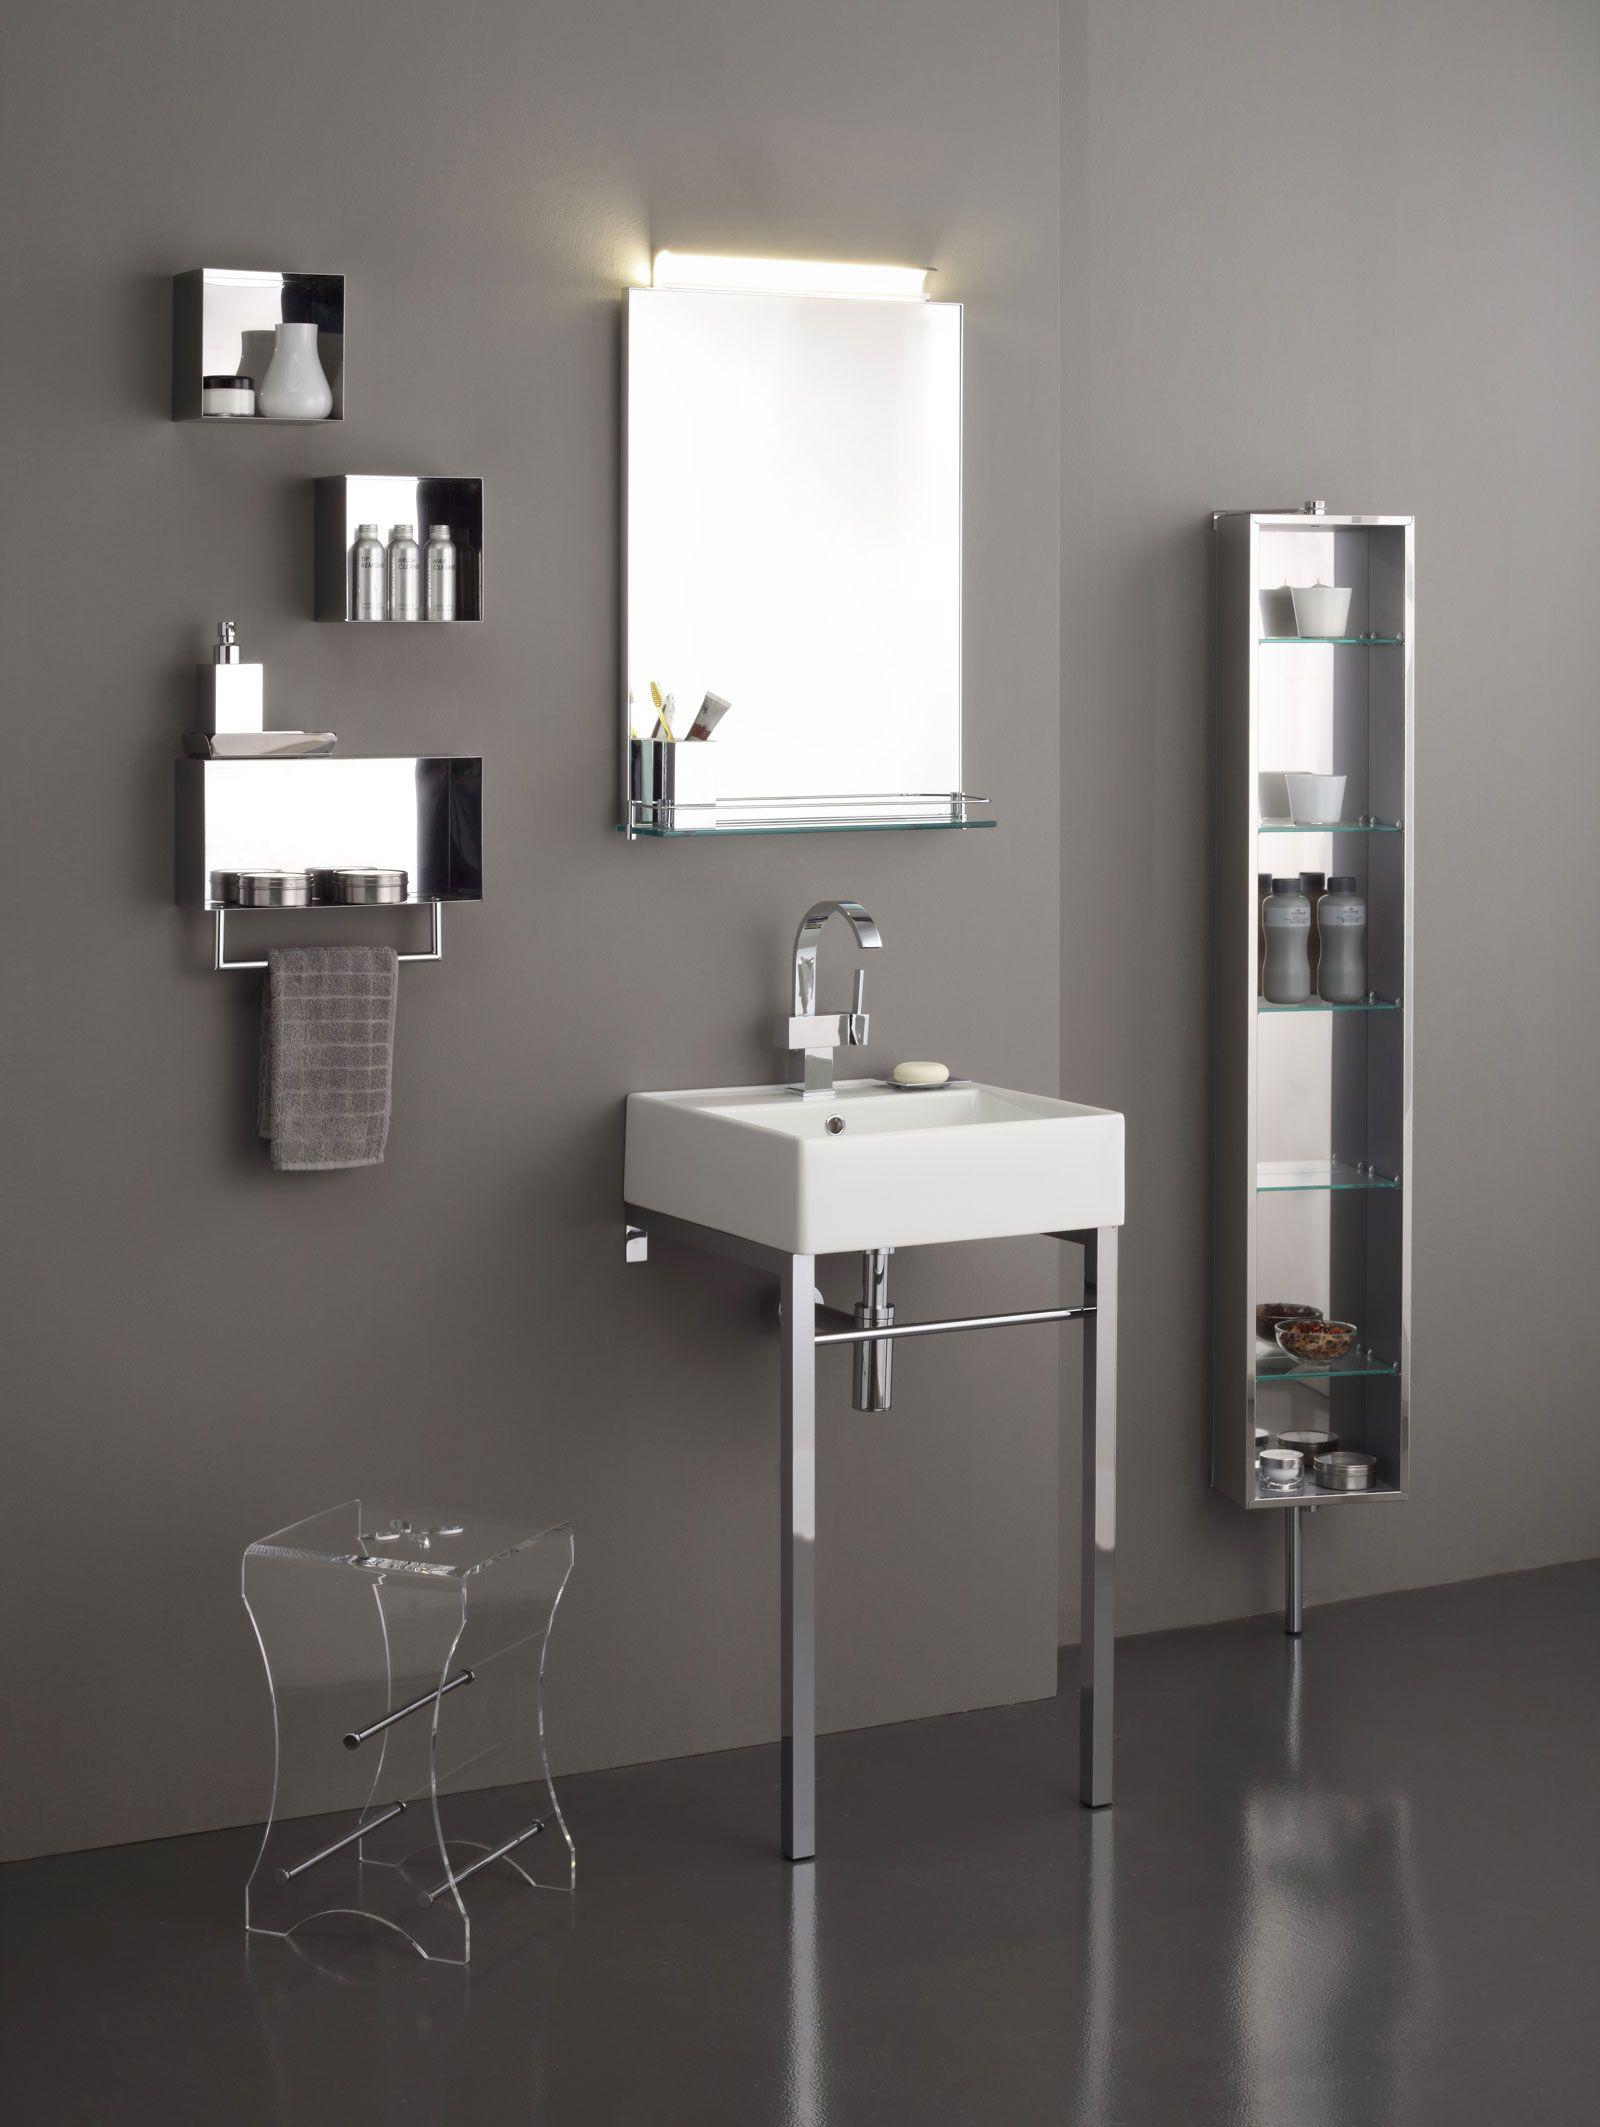 Applique Specchio Bagno Moderno accessori per il bagno: qualità italiana per completare l